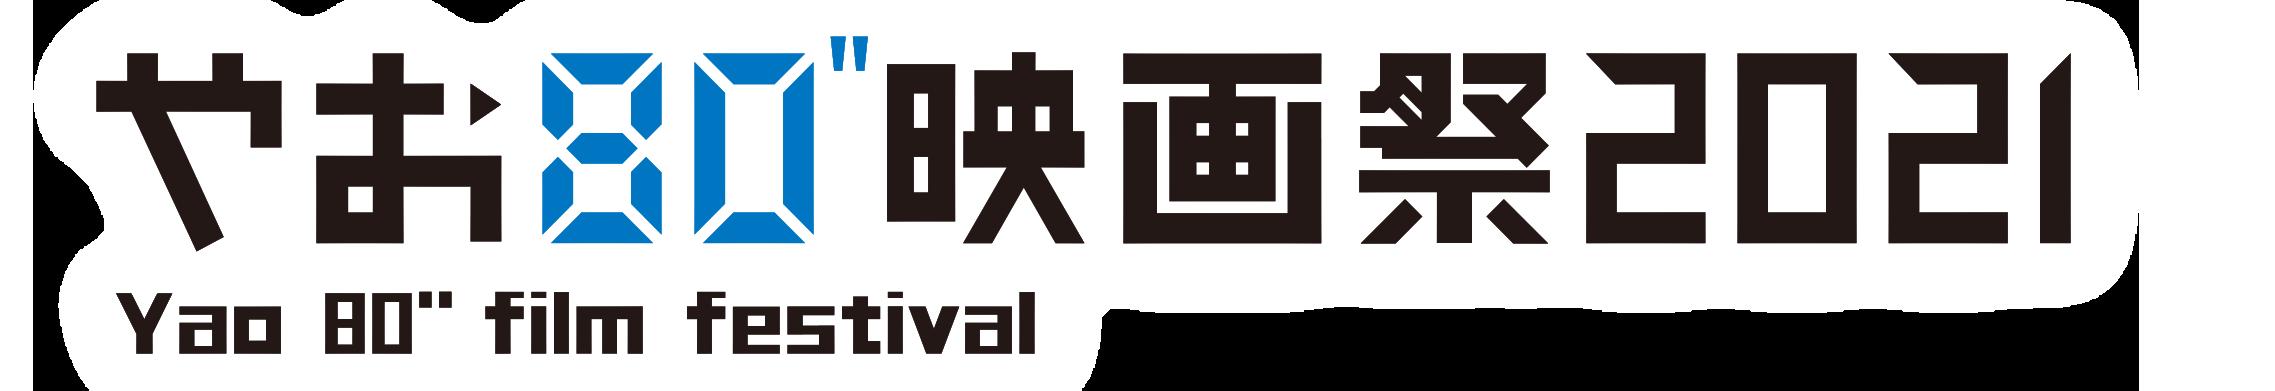 やお80映画祭2021ロゴ